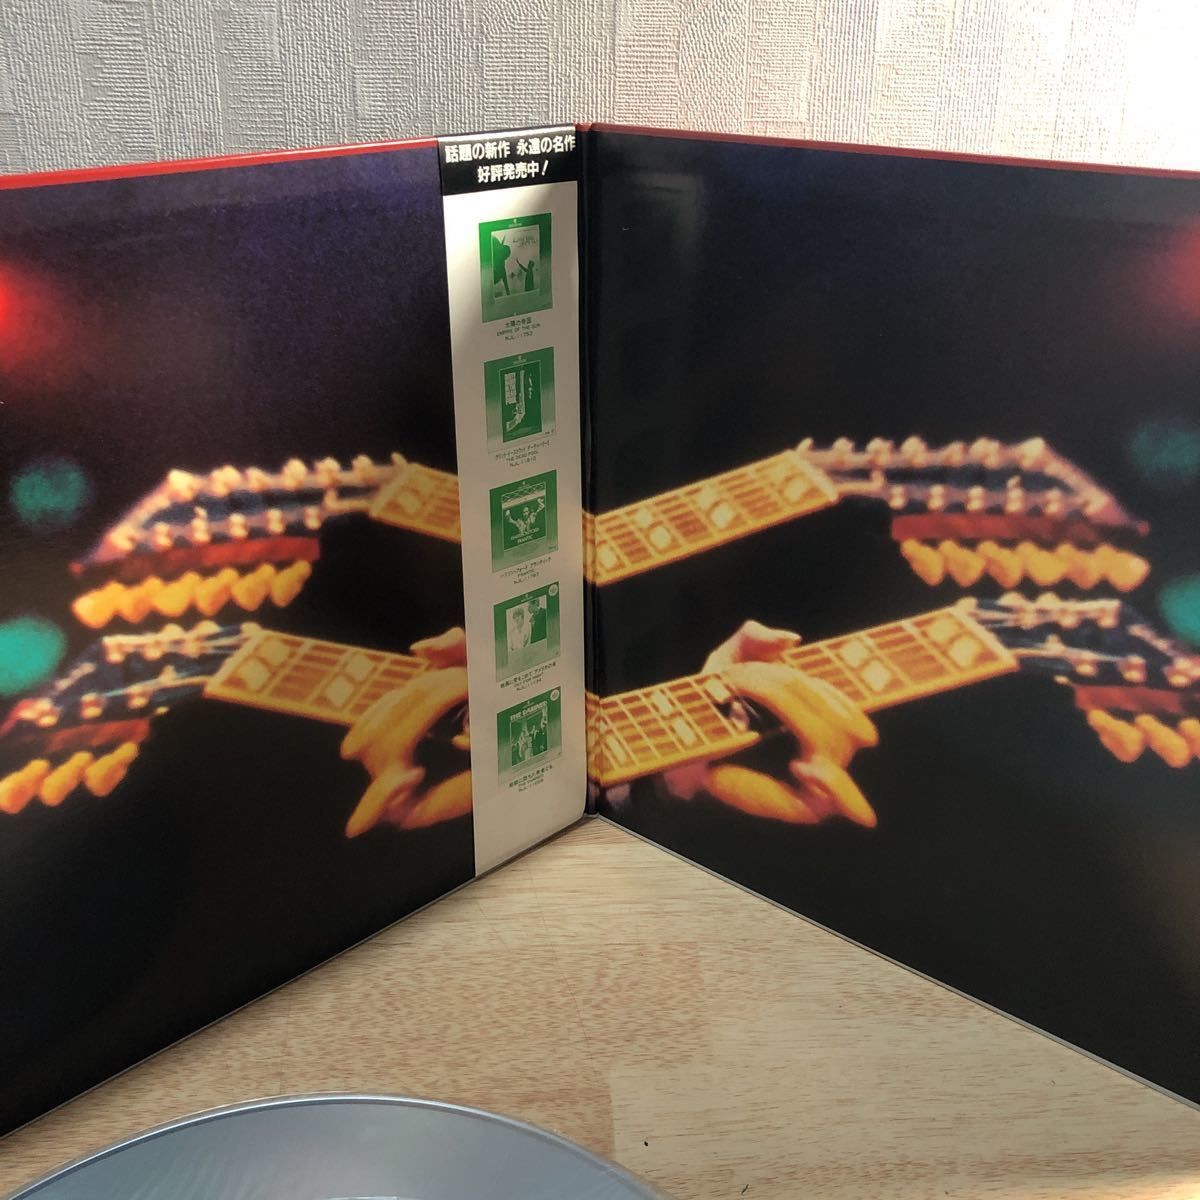 レーザーディスク★ロック ★レッドツェッペリン★ 狂熱のライヴ LED ZEPPELIN THE SONG REMAINS THE SAME_画像7